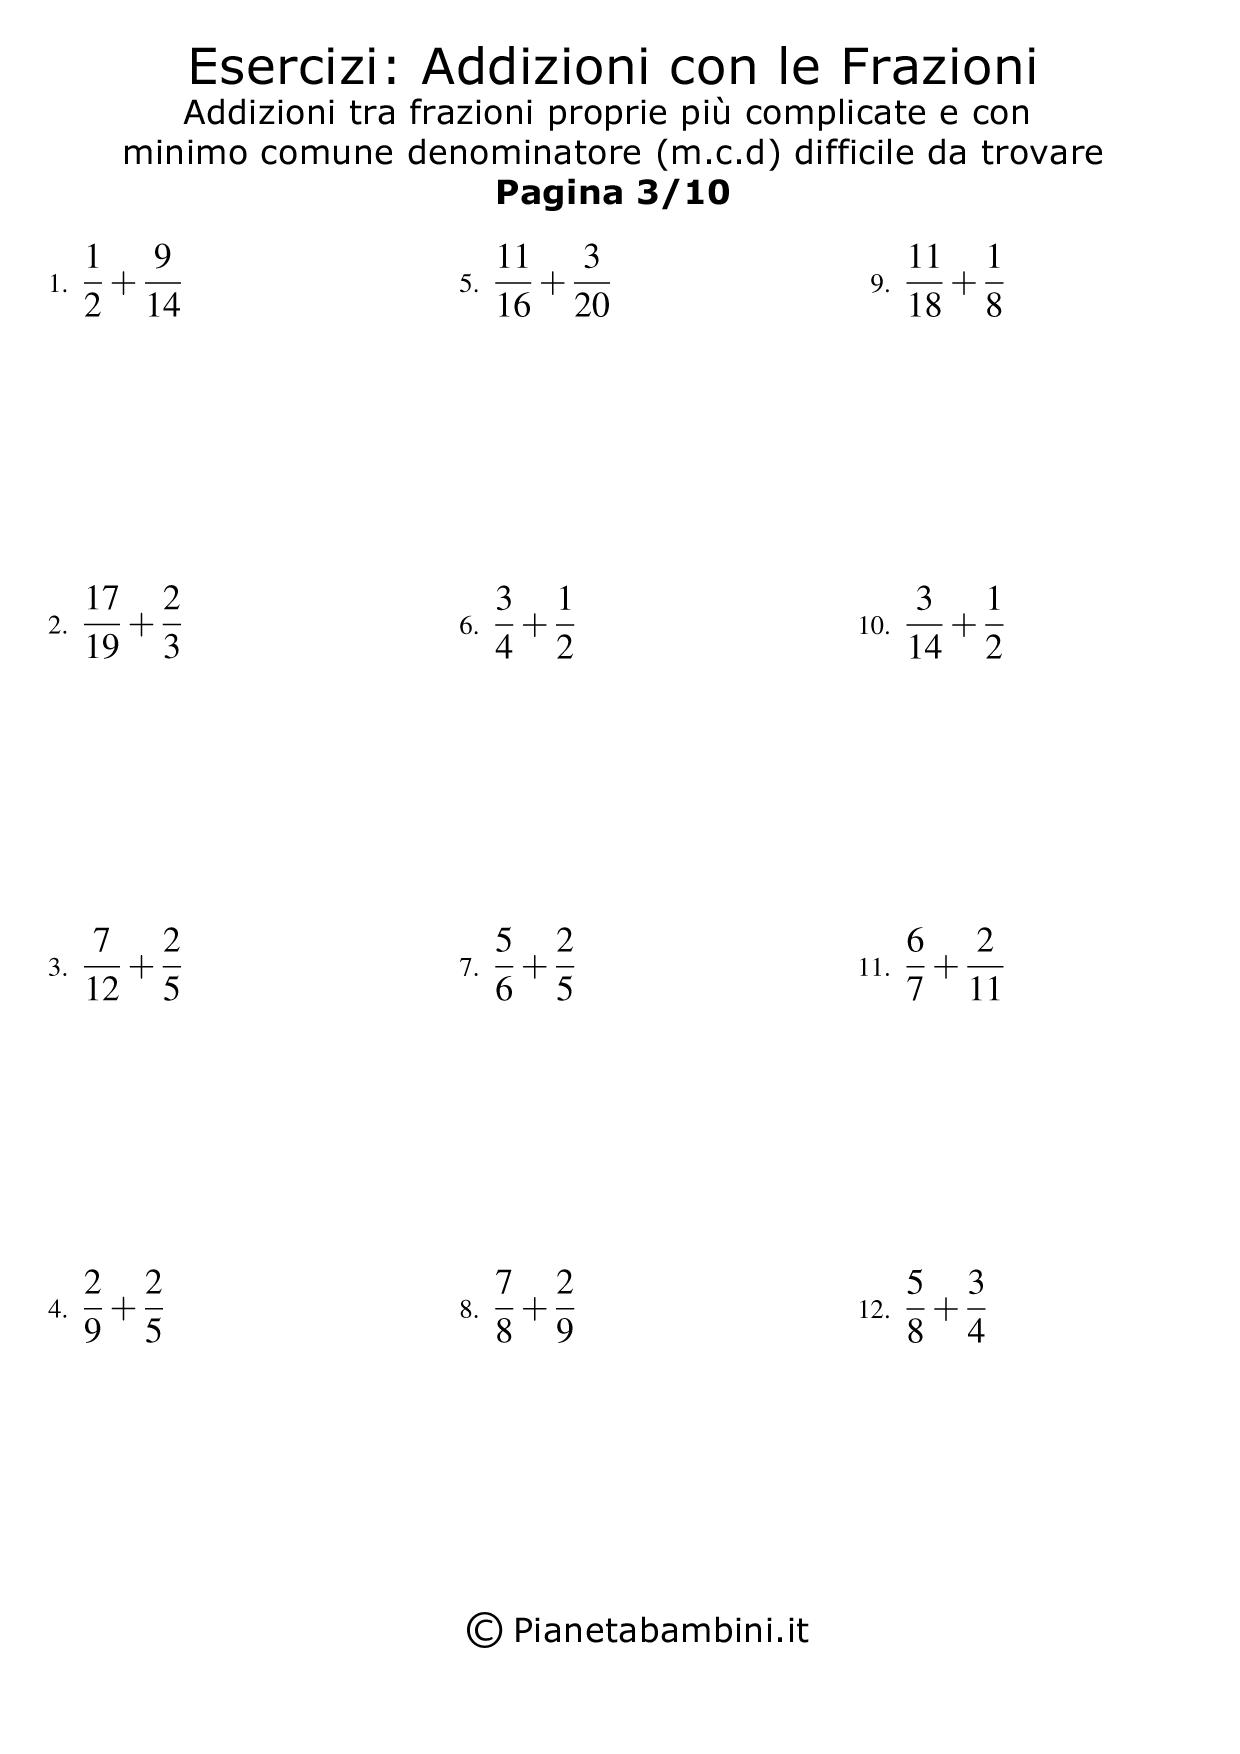 Frazioni-Difficili-m.c.d-difficile_03